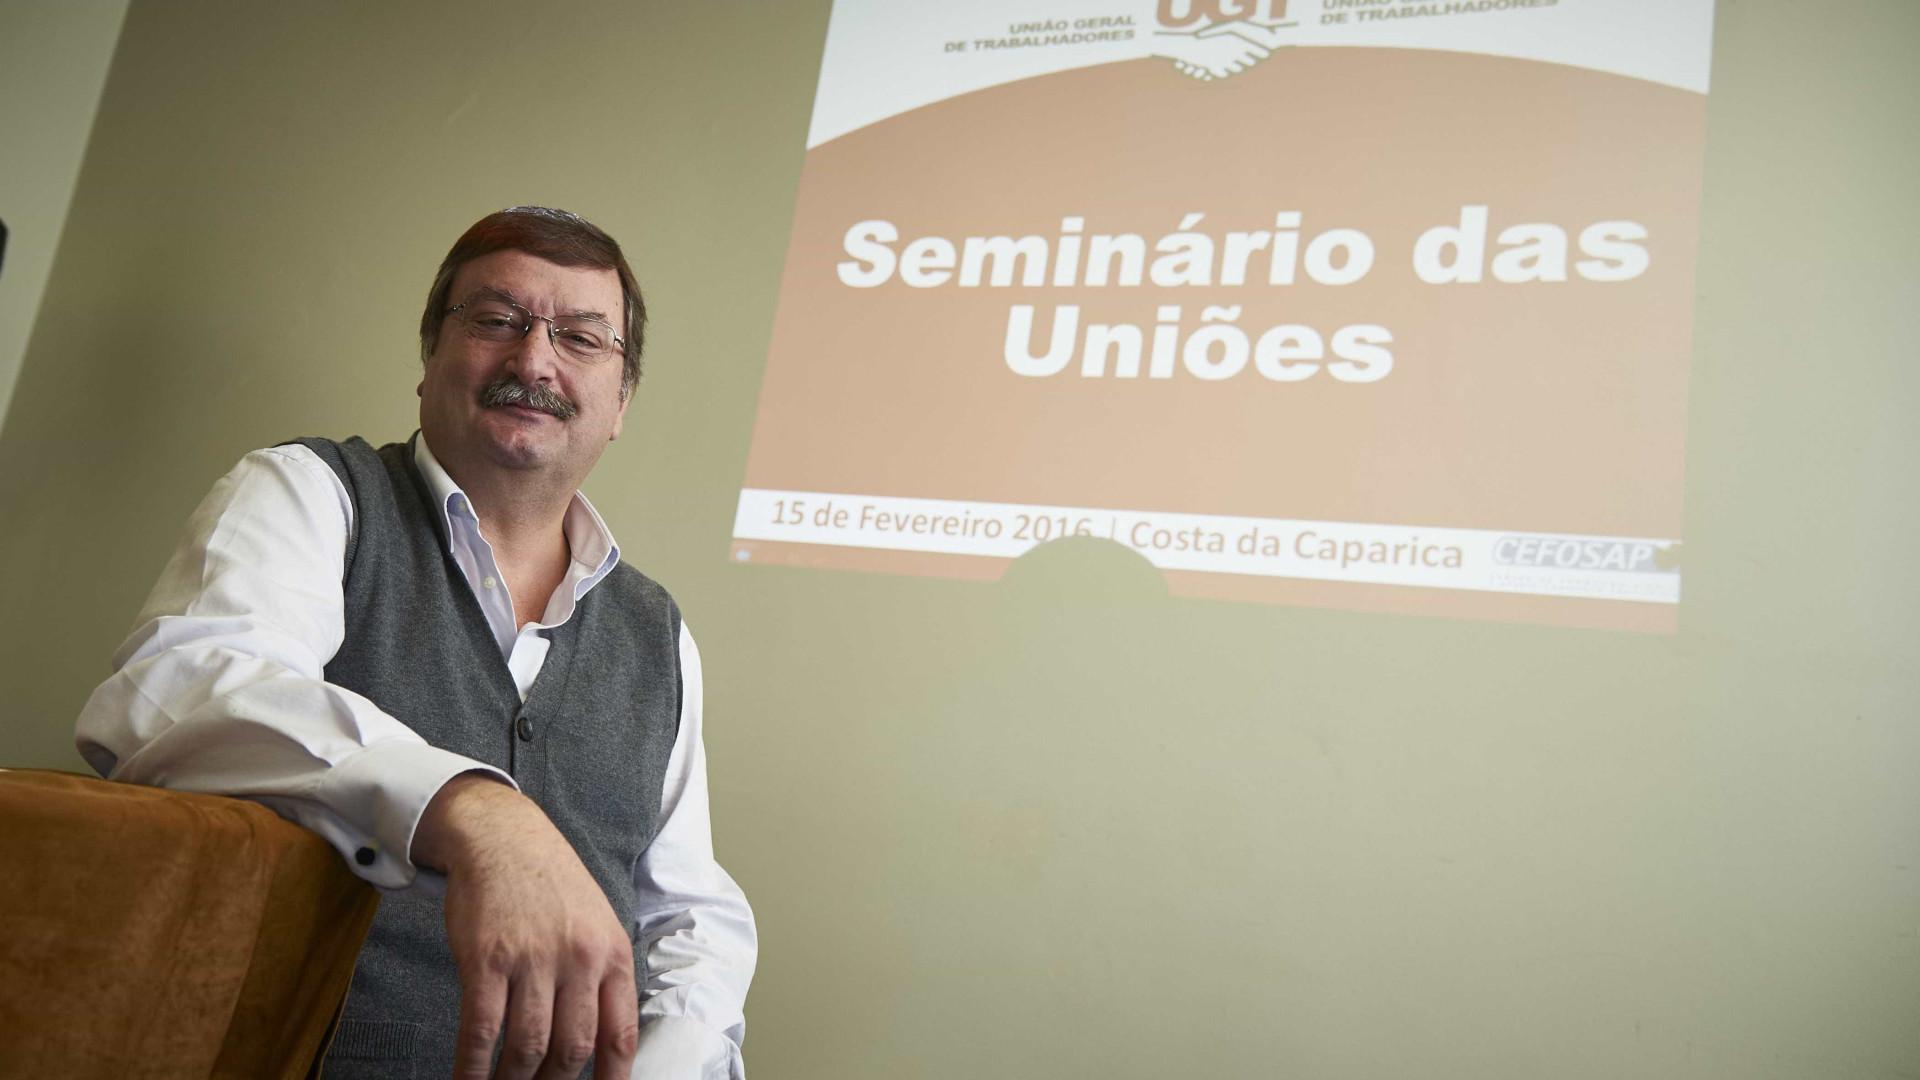 UGT defende crescimento e emprego e justa distribuição da riqueza